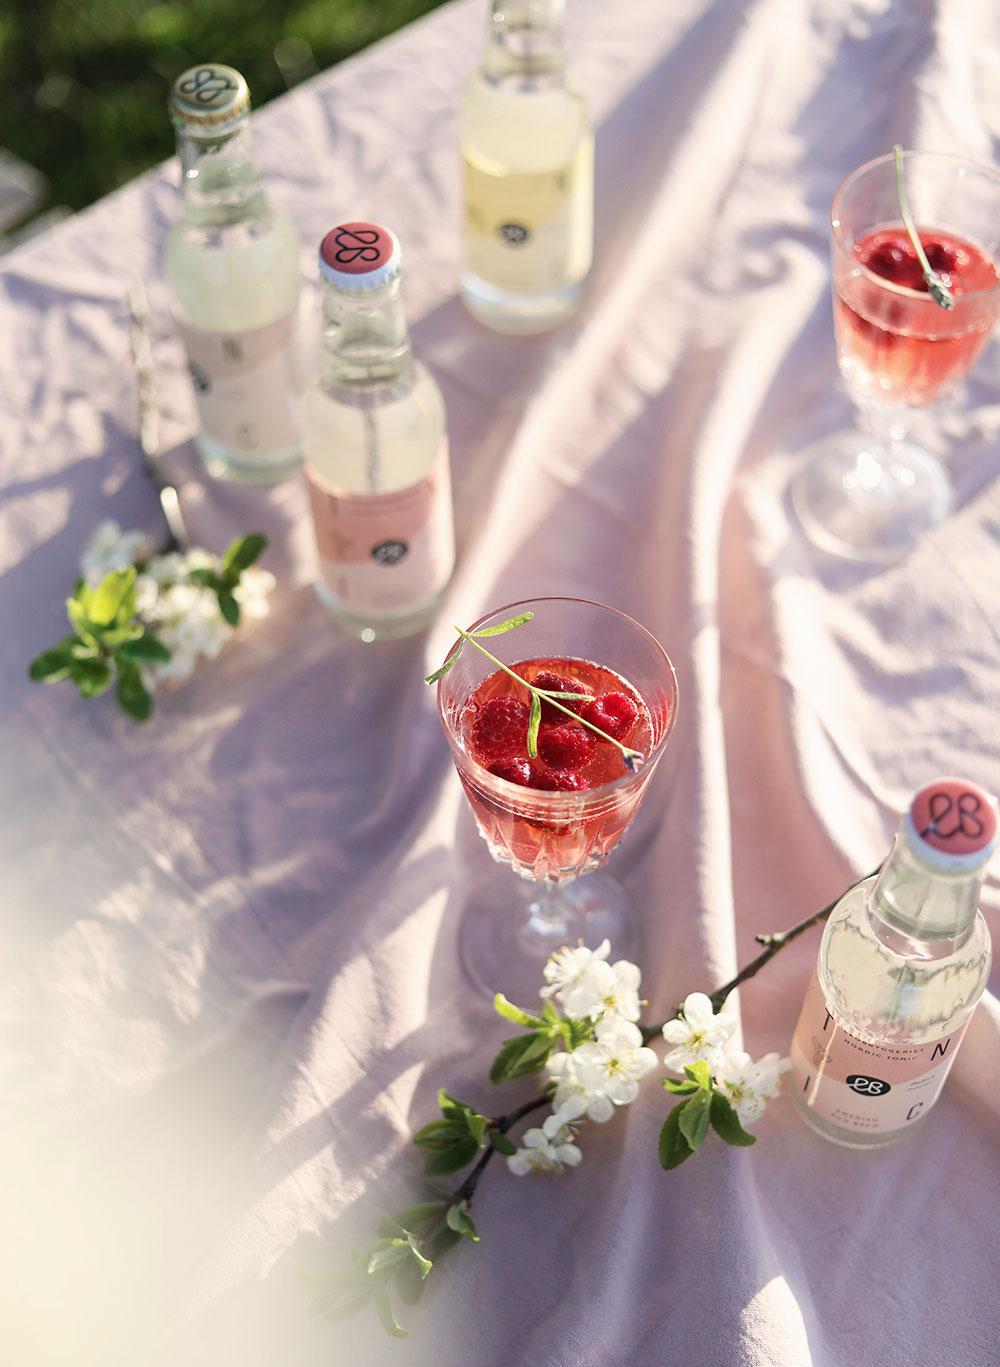 ekobryggeriet ekologisk drink ekologiska drinkar bär sommardrinkar